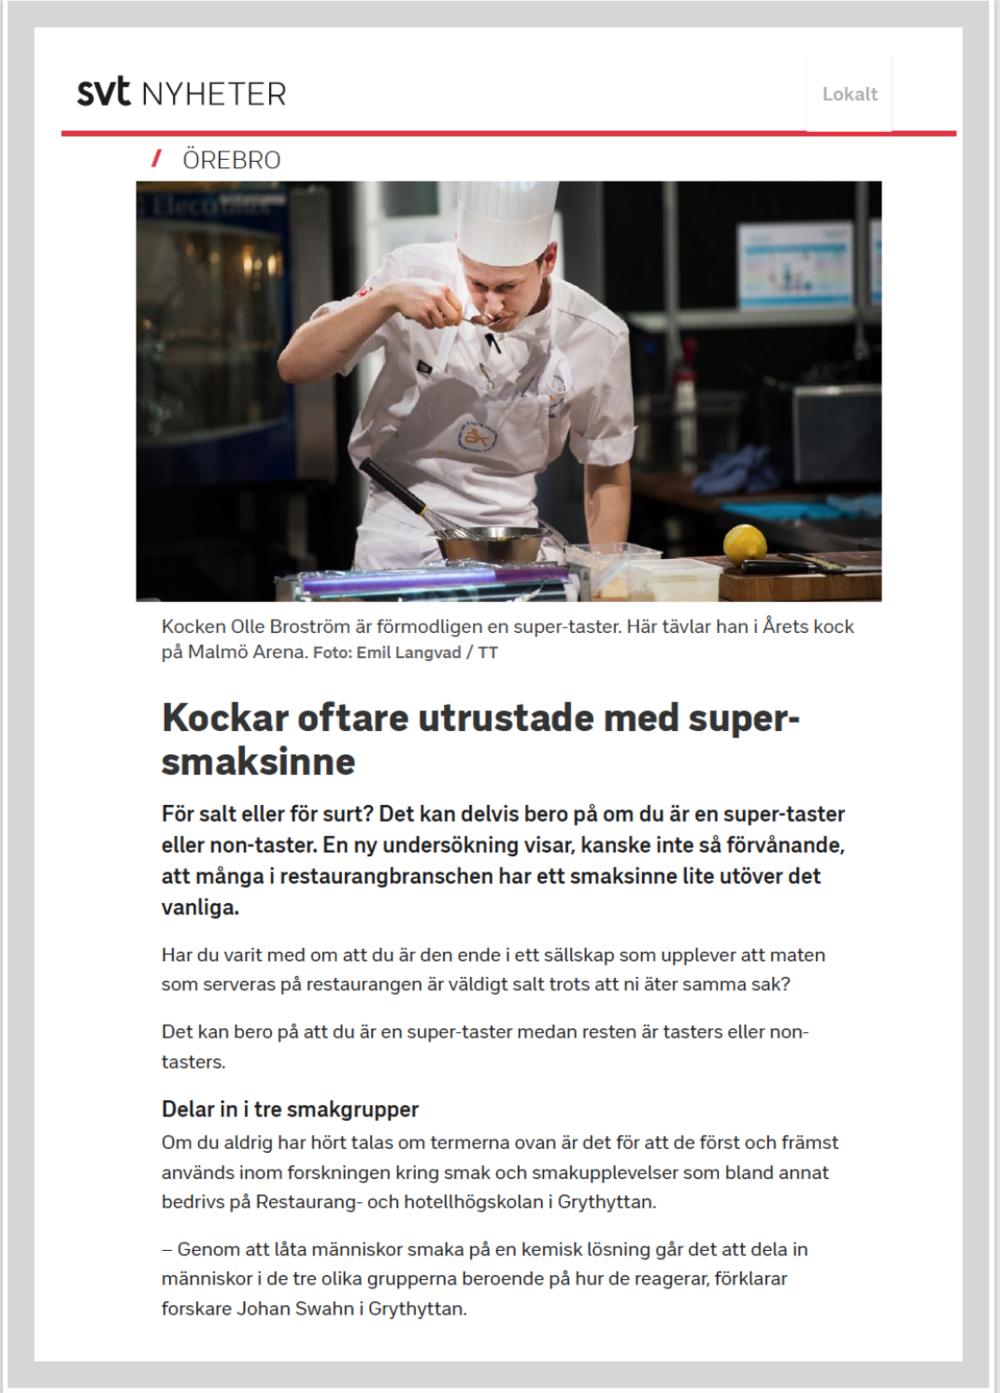 SVT.SE, June 13 2018